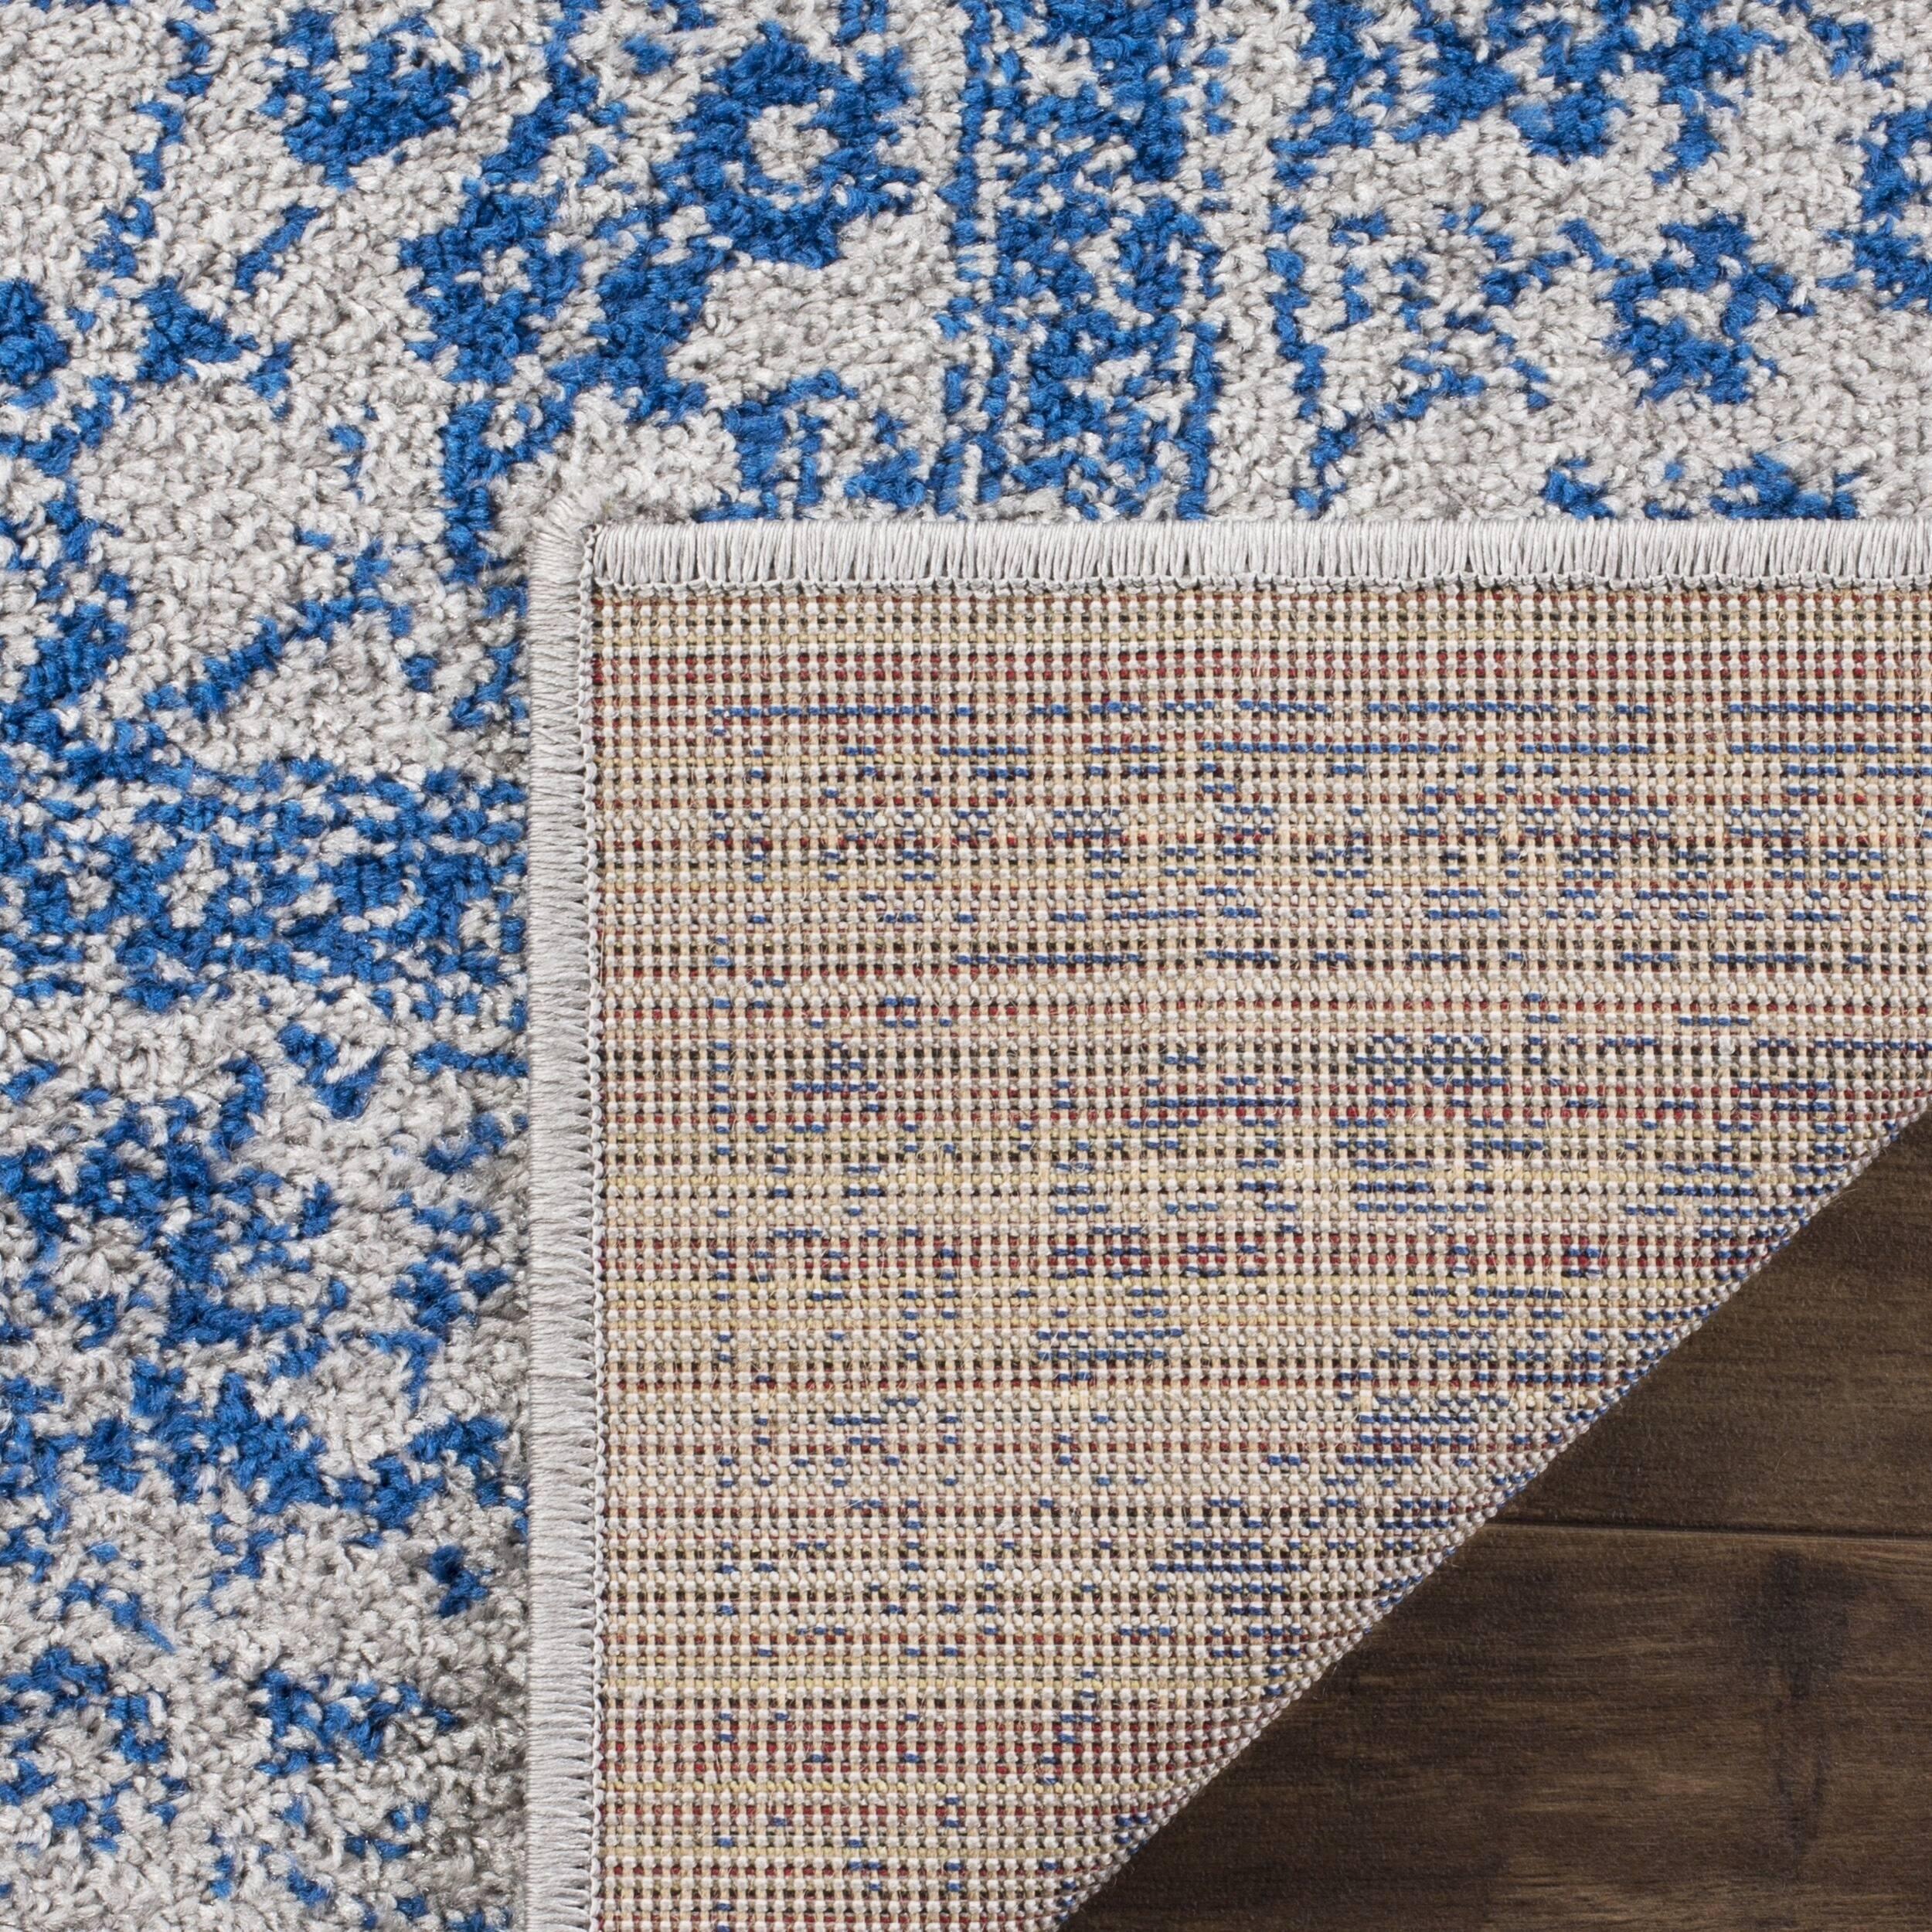 Safavieh Adirondack Vintage Distressed Grey / Blue Large Area Rug (11' x 15')